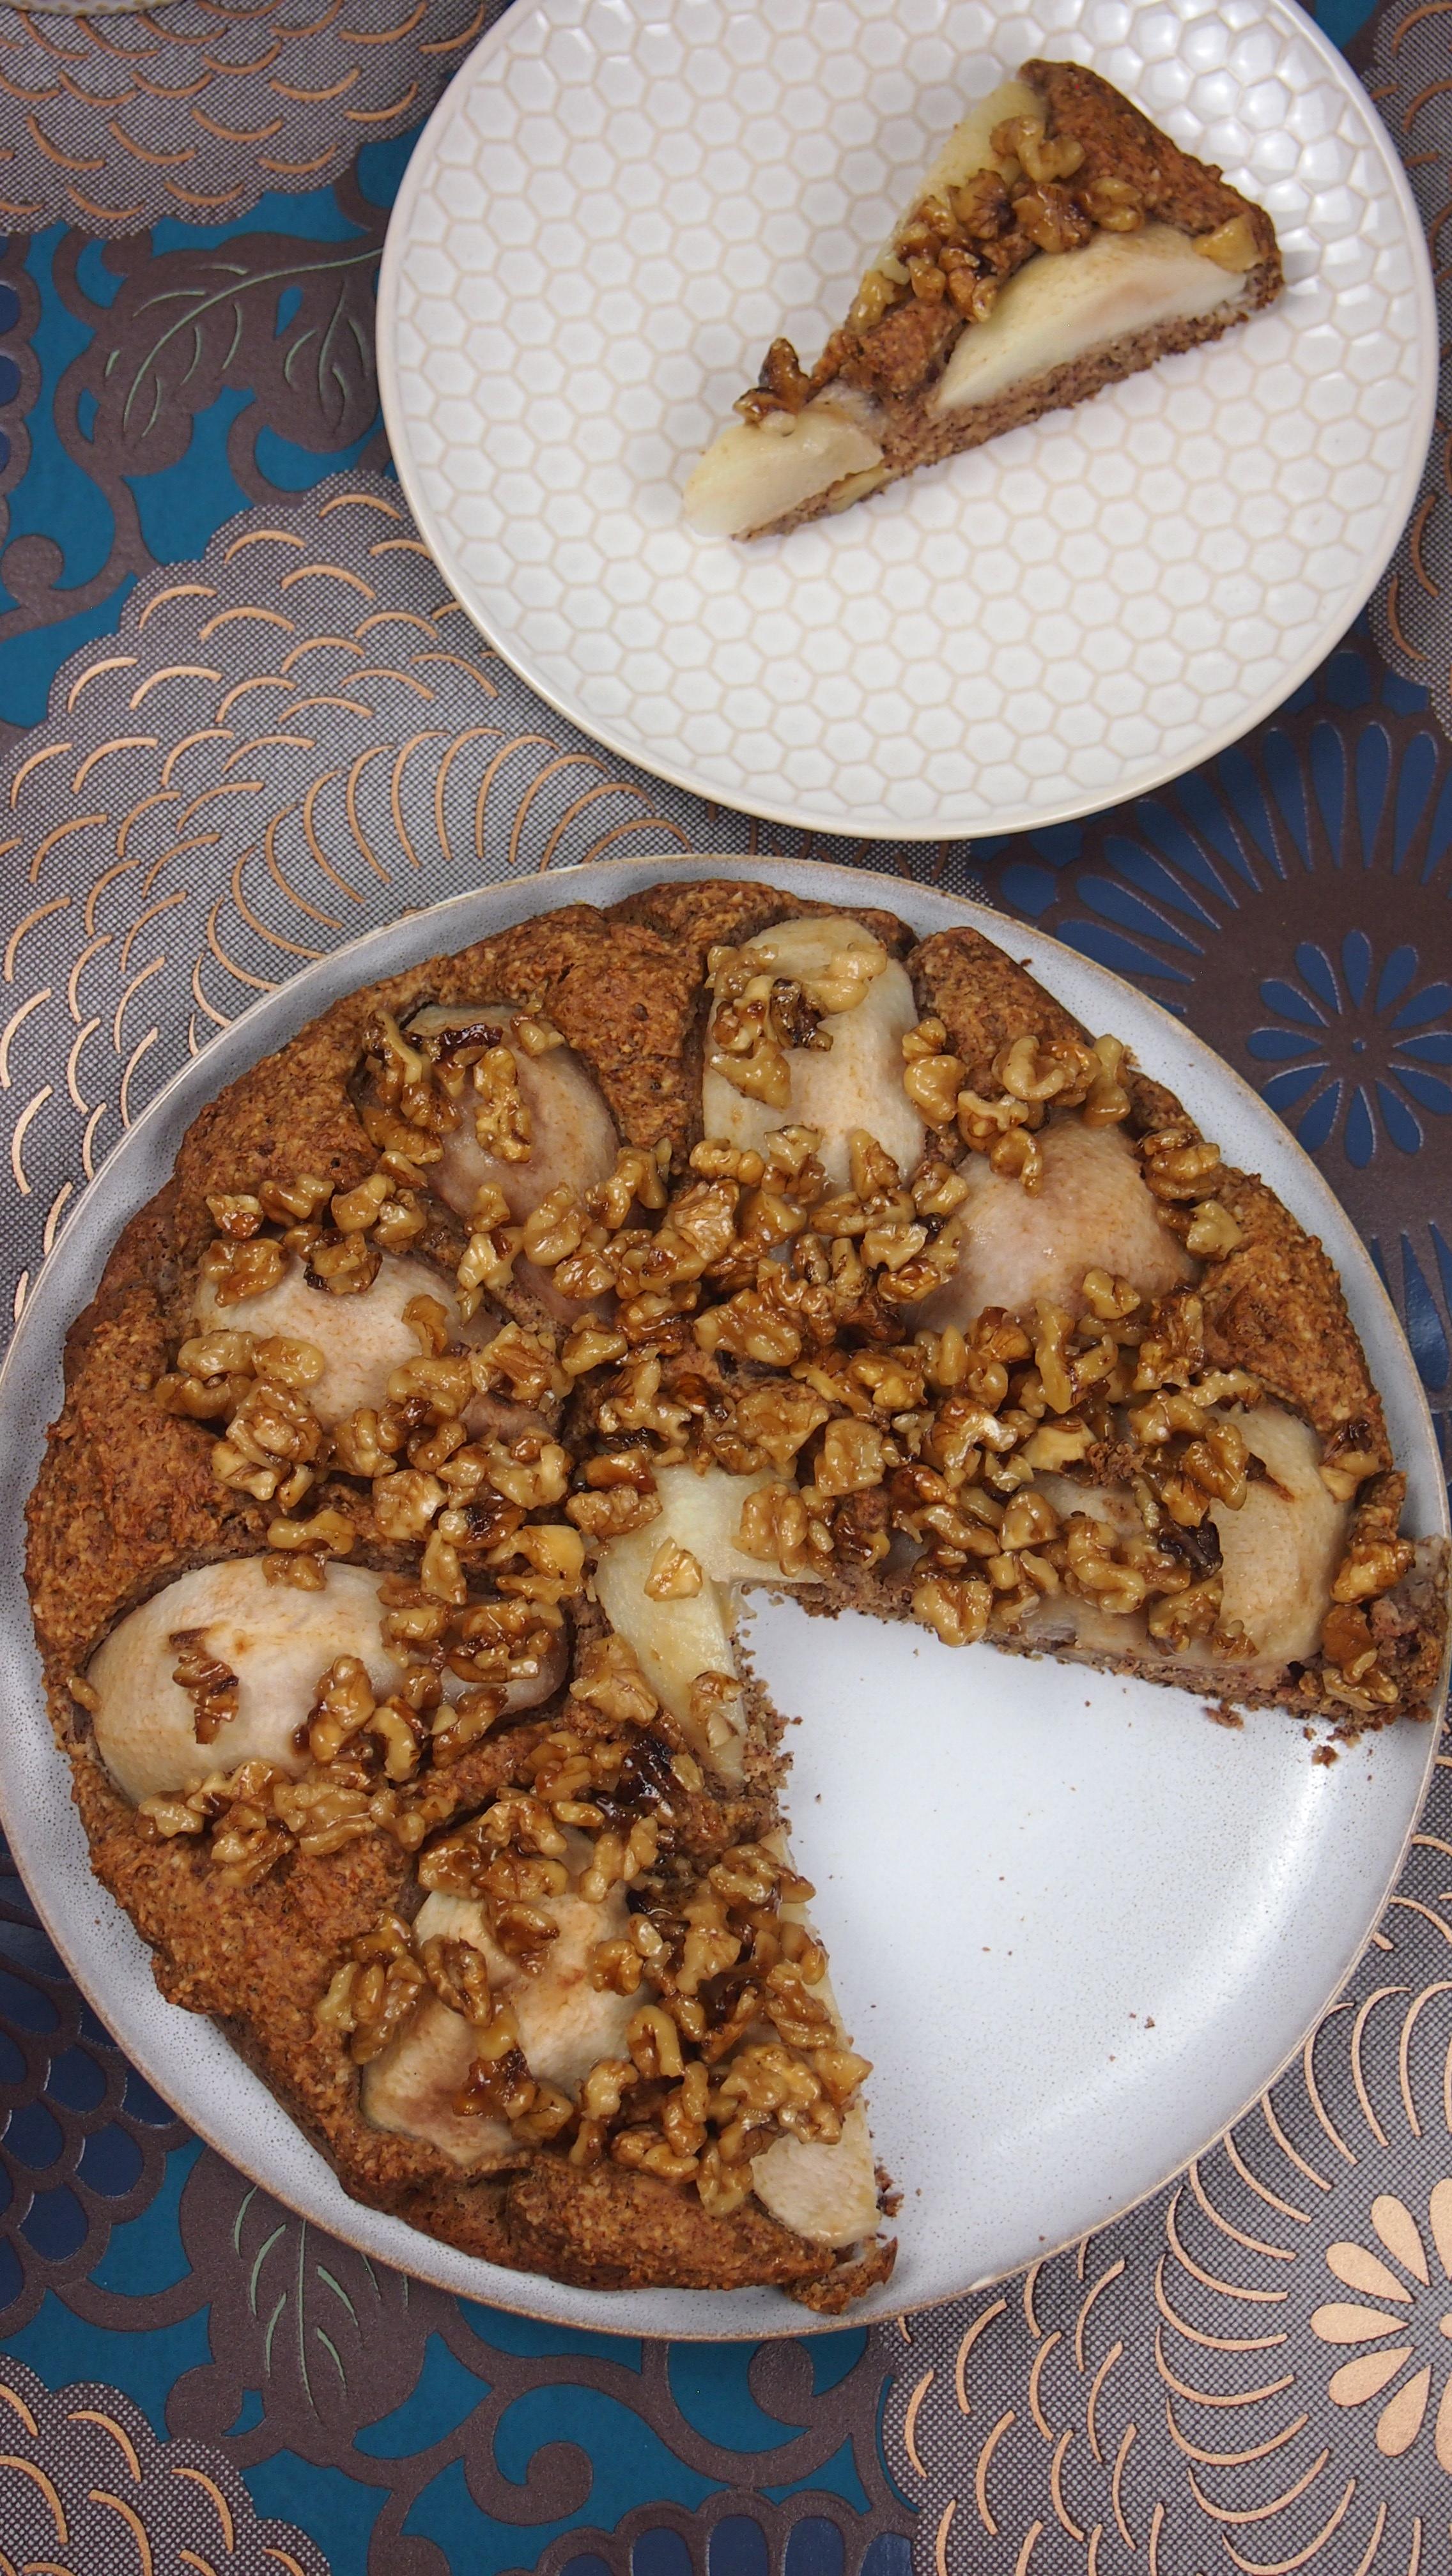 Gesunder veganer Birnenkuchen mit karamellisierten Walnüssen